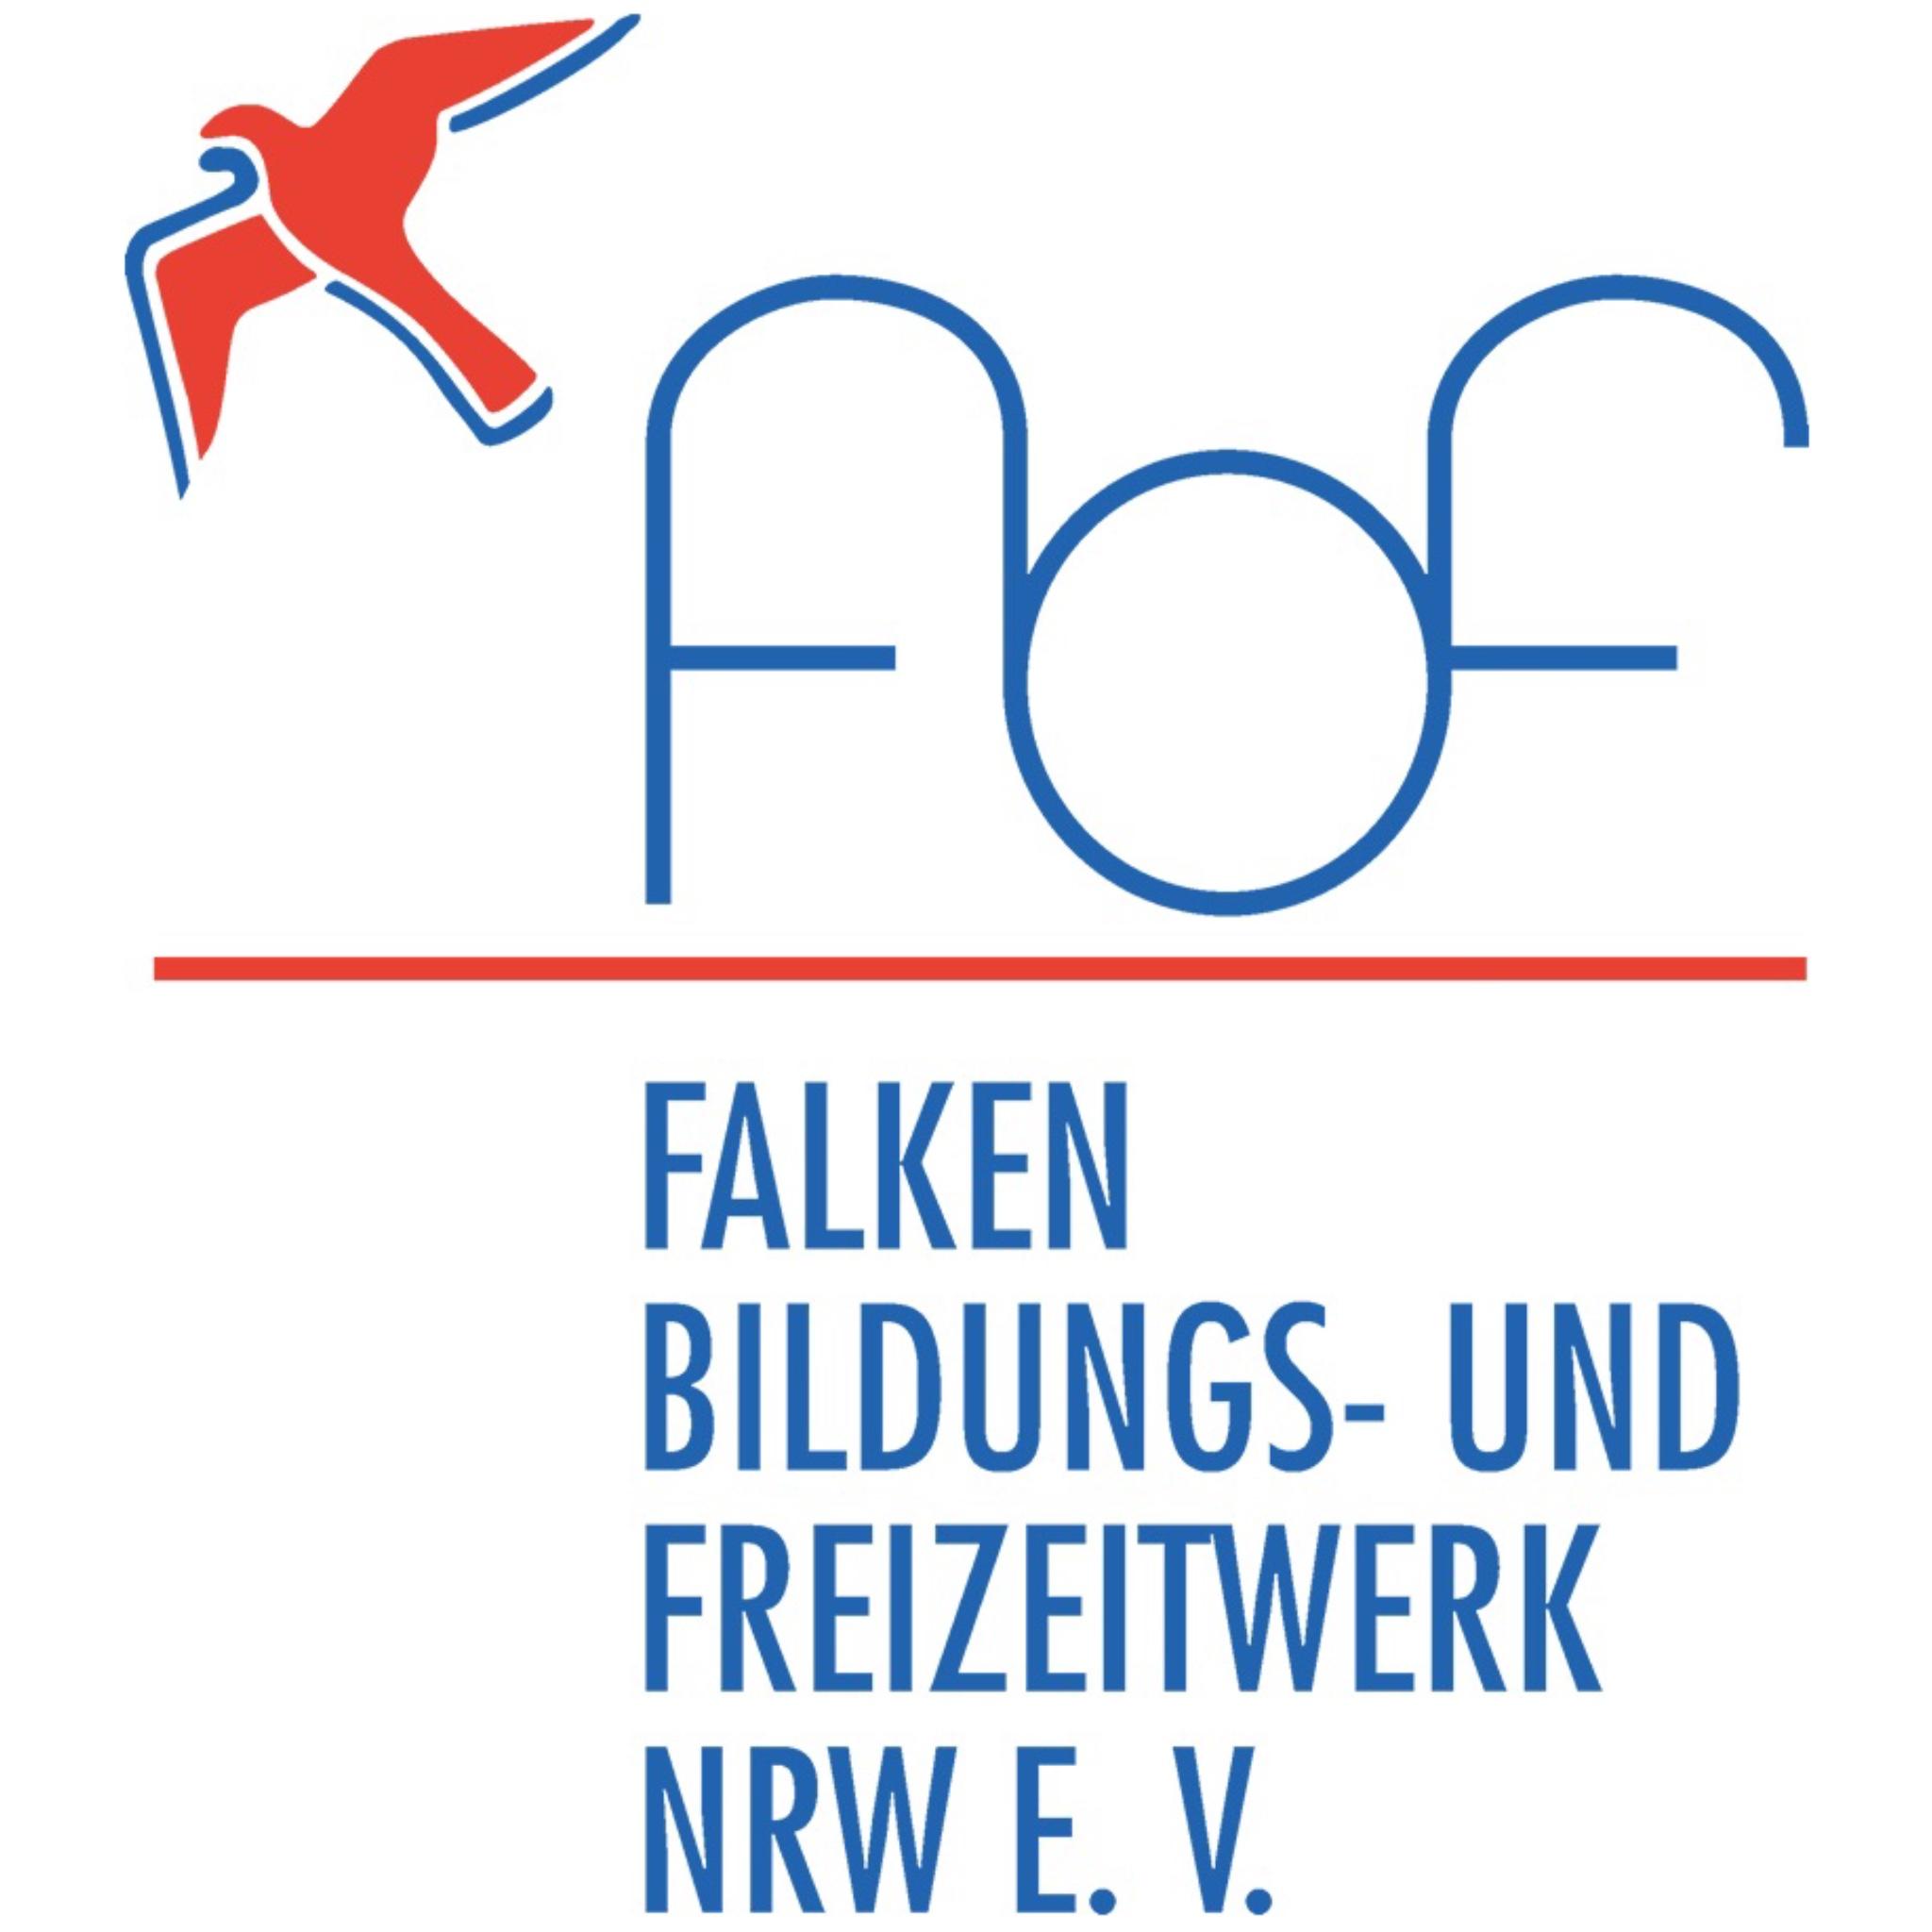 Logo des Falken Bildung- und Freizeitwerks NRW e.V.